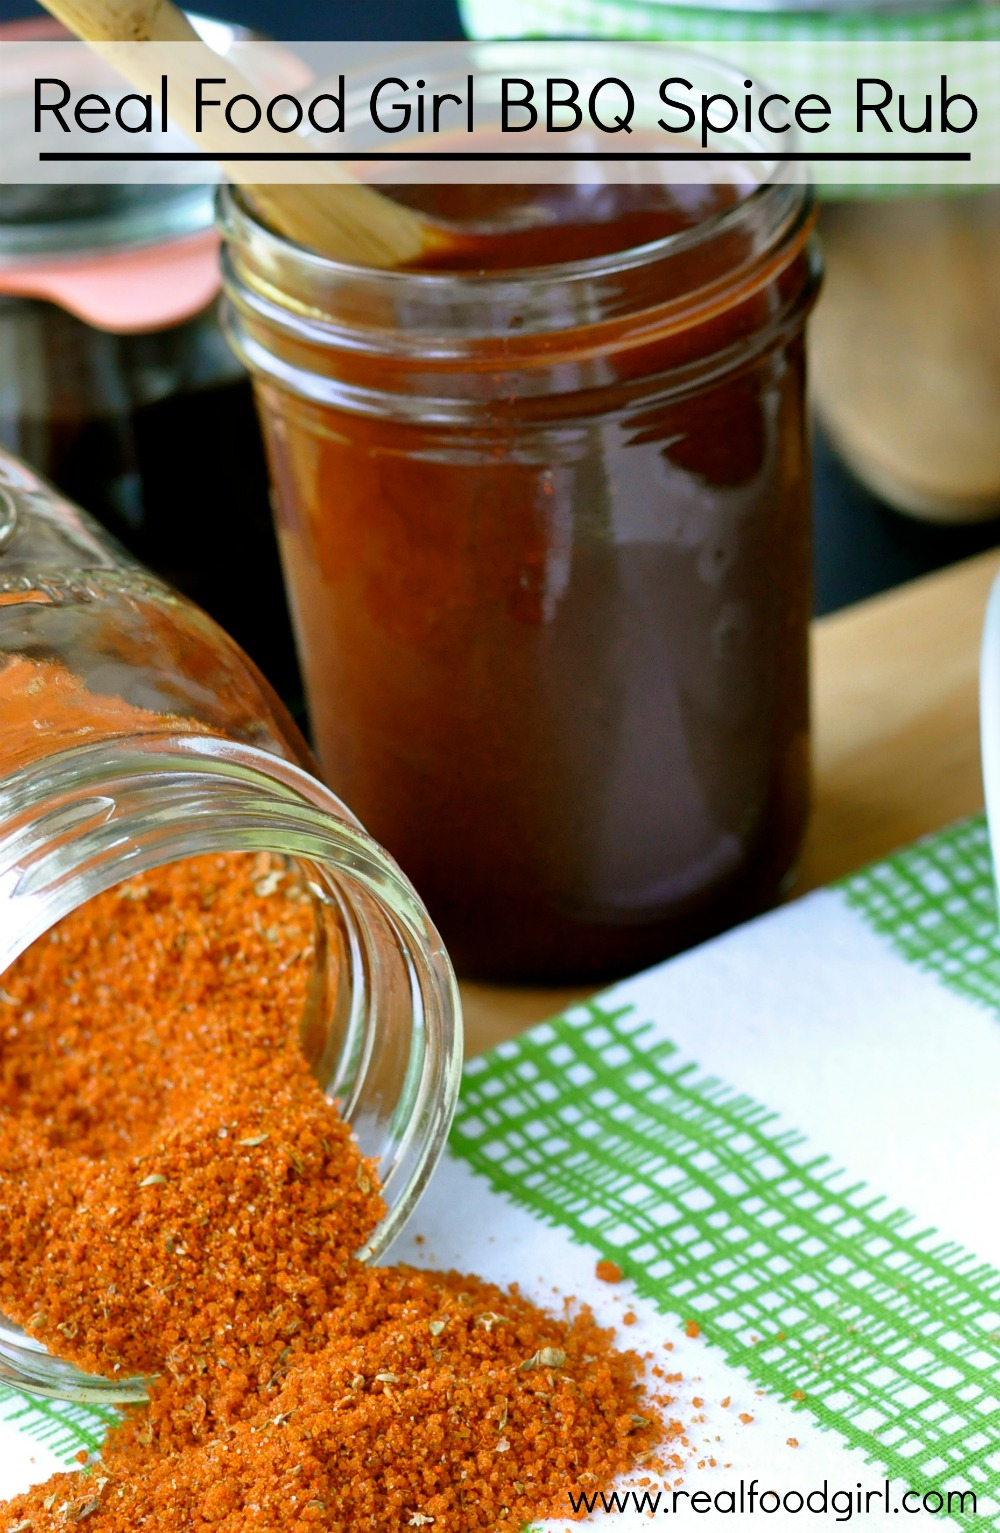 Real Food Girl BBQ Spice Rub | Real Food Girl